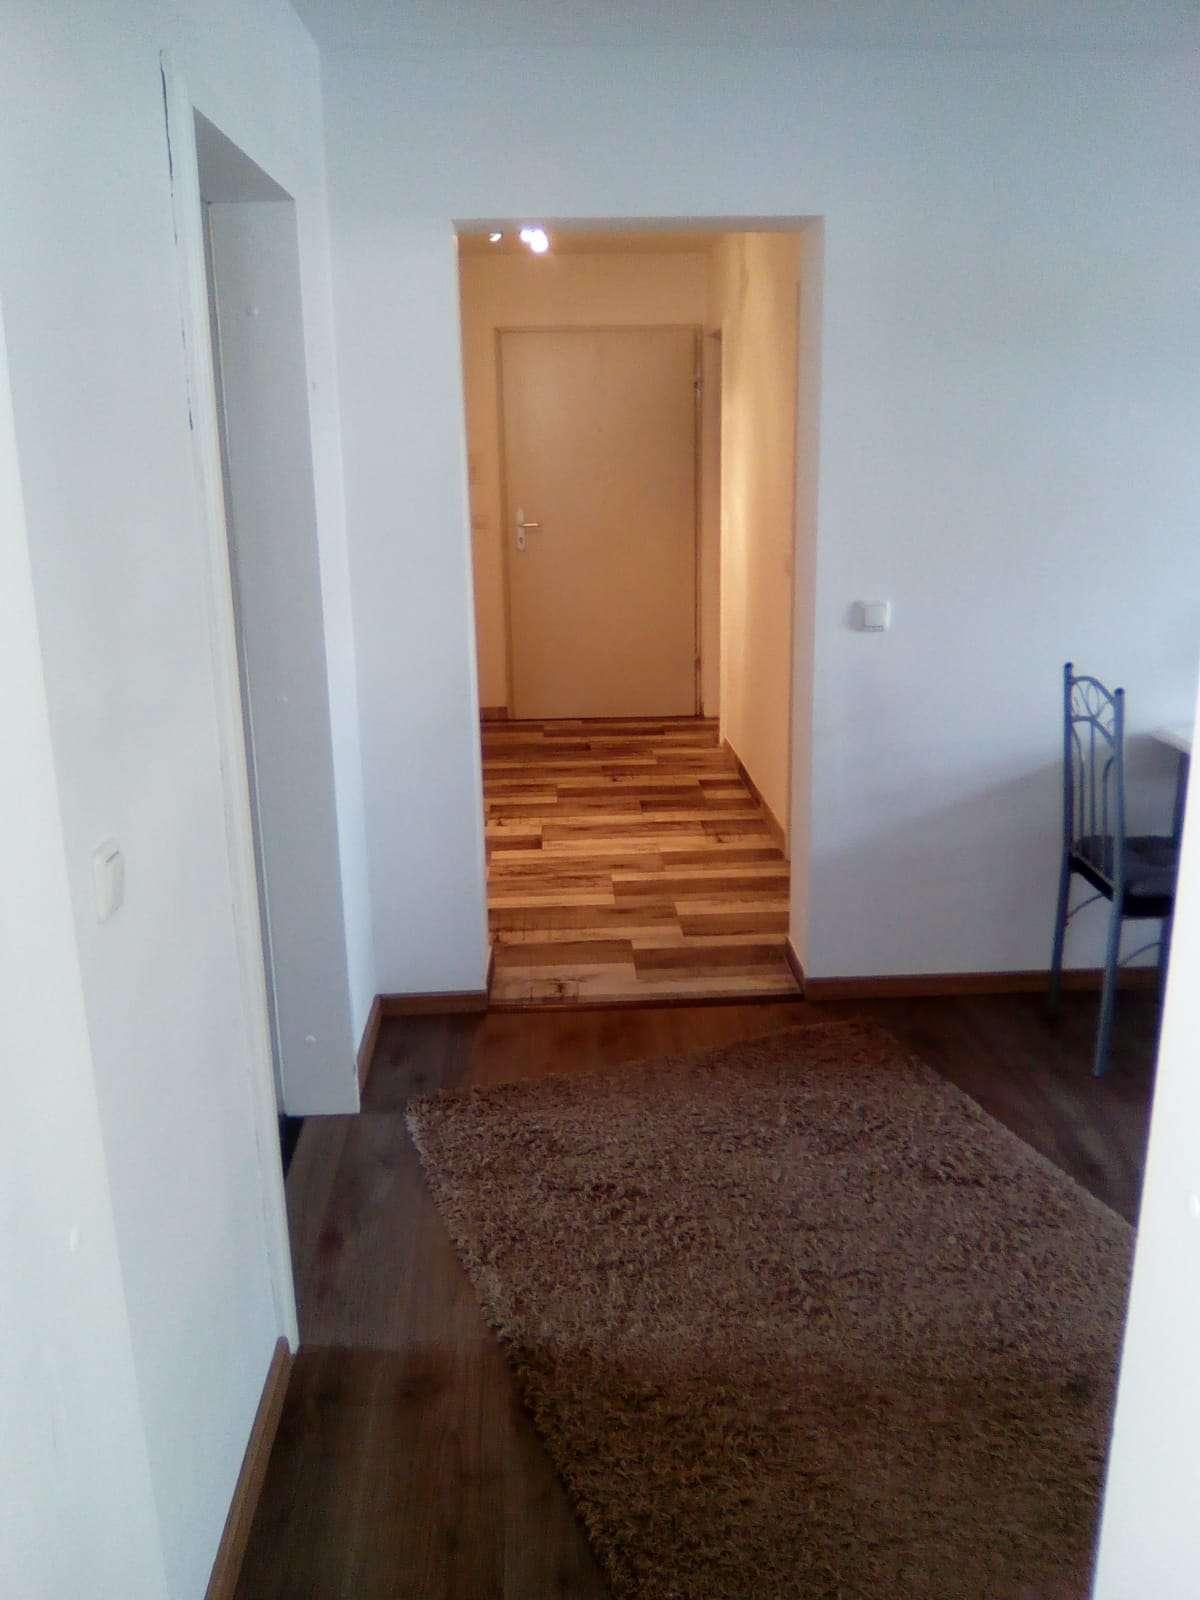 3-Zimmer-Wohnung zu vermieten  in Neugablonz (Kaufbeuren)